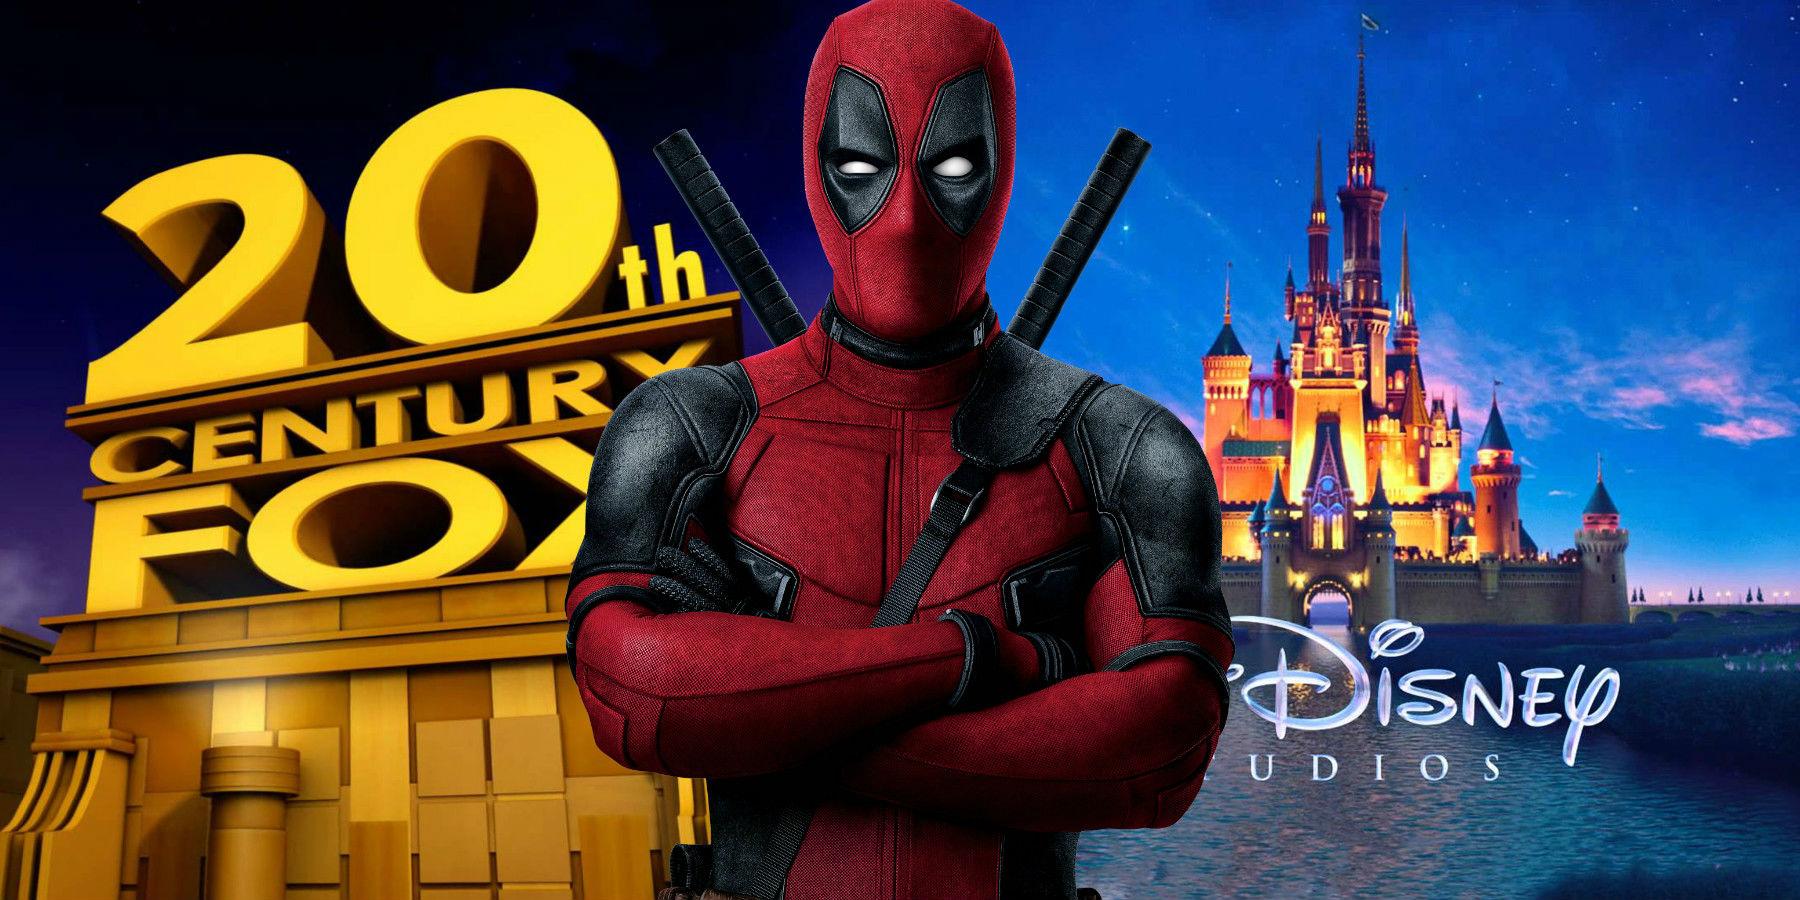 Teoria explica como Deadpool poderia ser introduzido no MCU